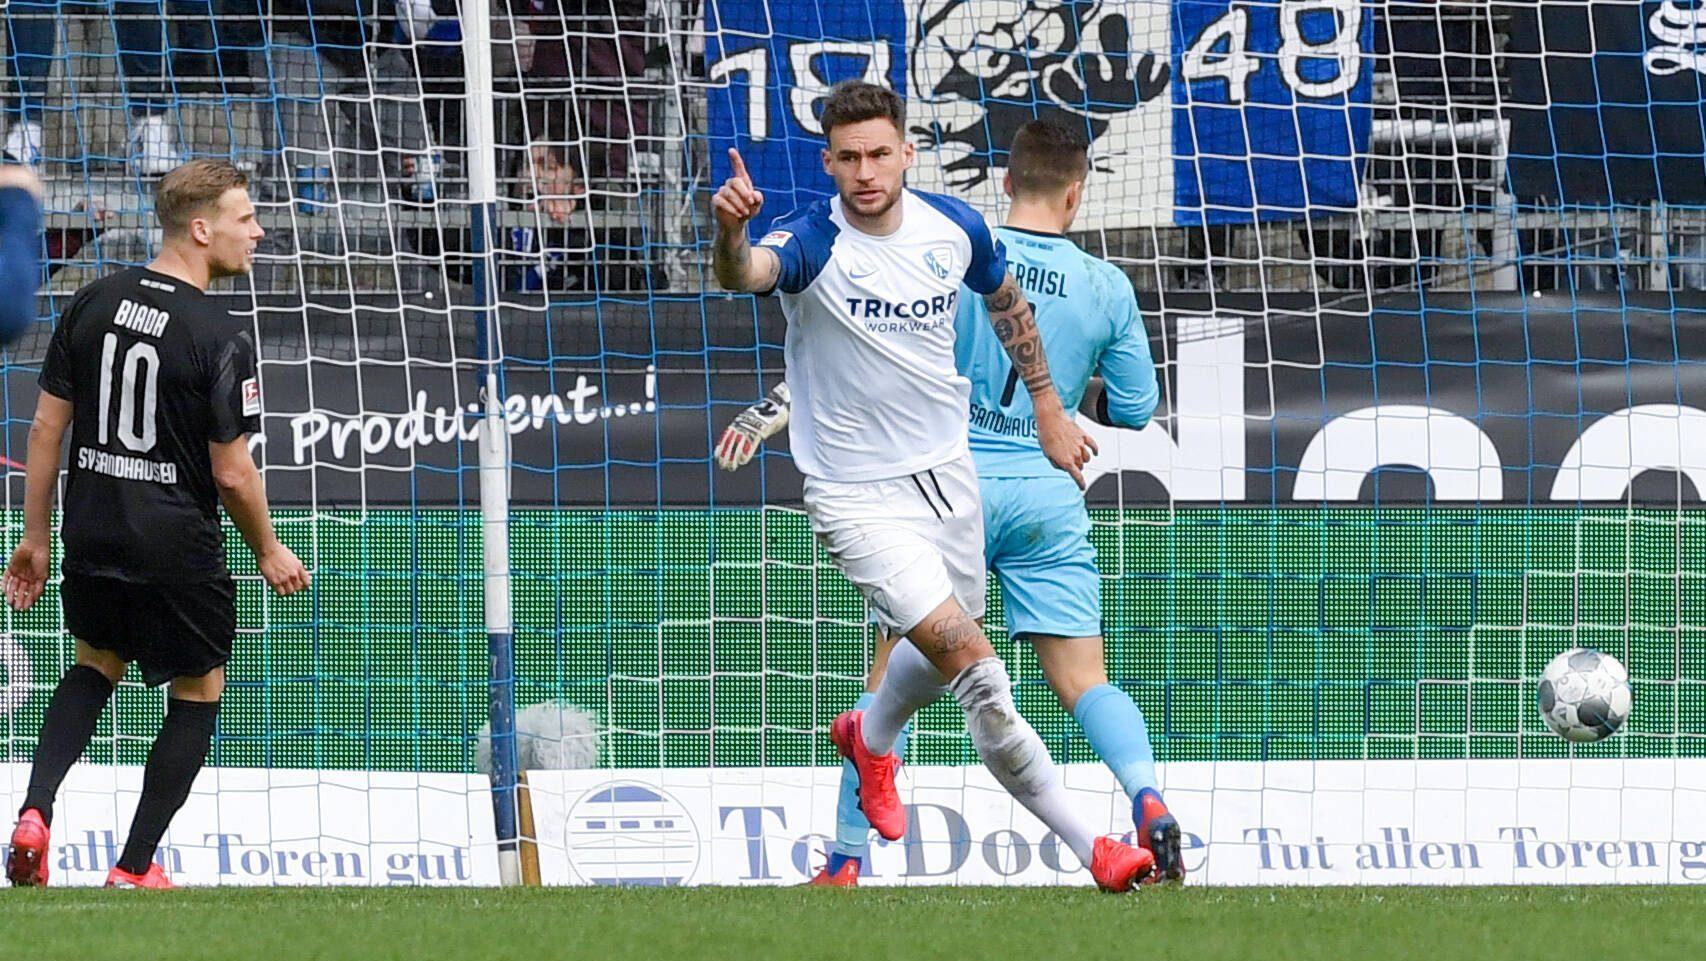 Zwischenbilanz: Der Saisonverlauf des VfL Bochum